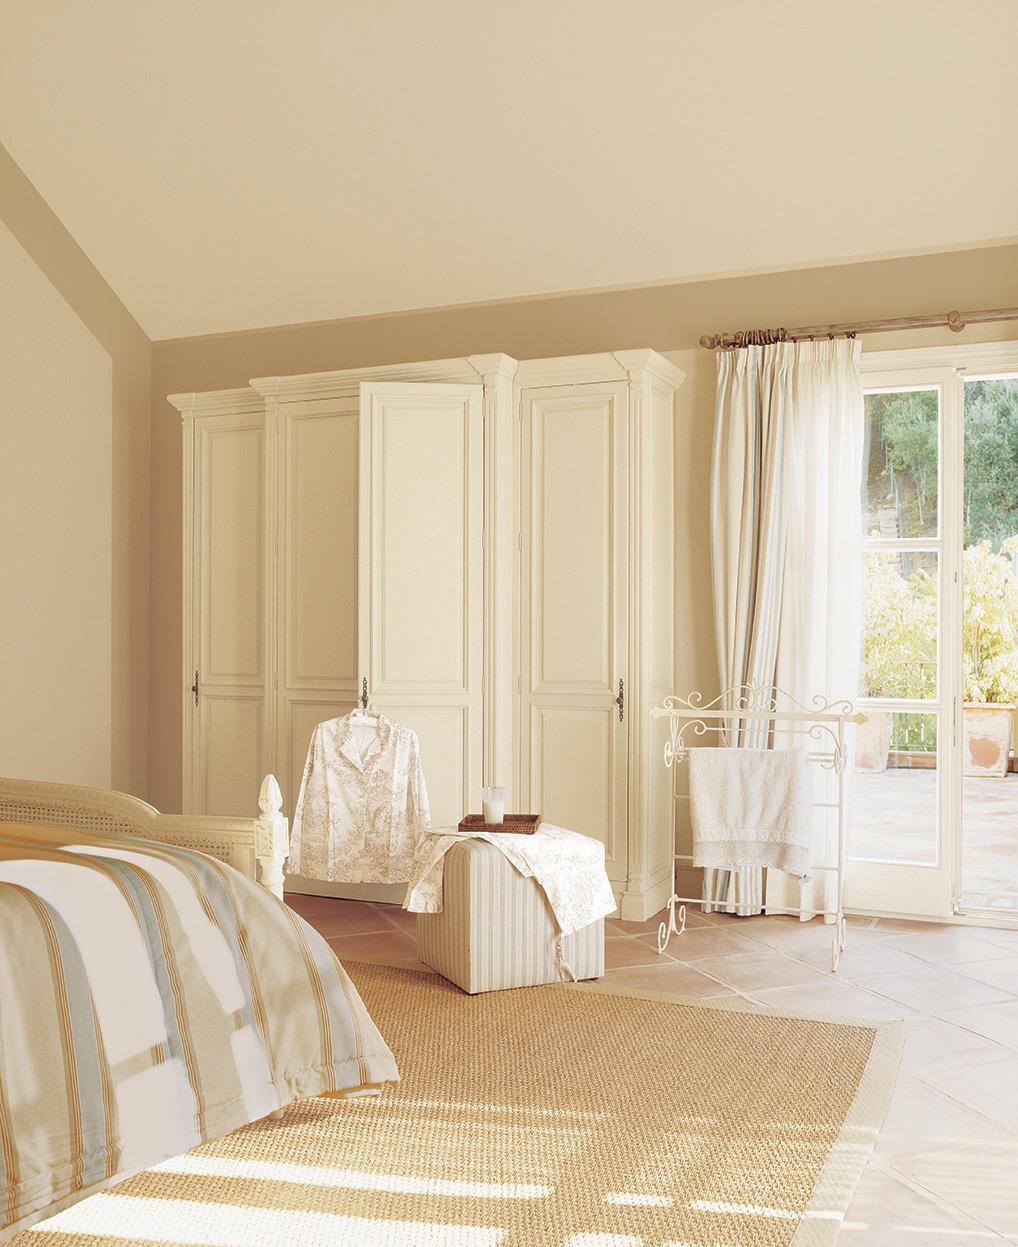 00161245. Dormitorio infanitl en tonos claros con grandes armarios blancos y puertas de cristal con salida a la terraza_00161245